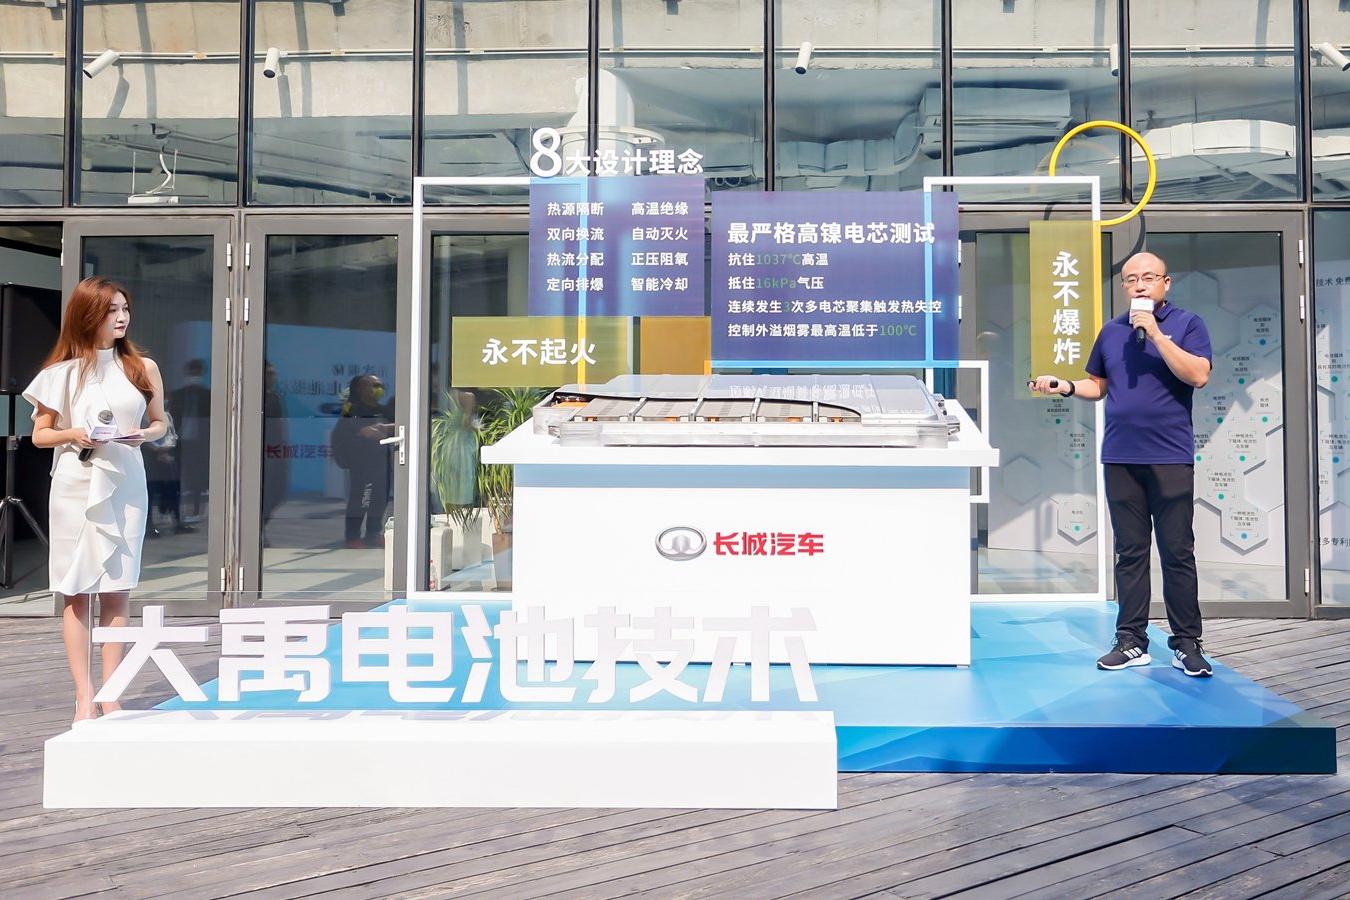 2022年全面应用到旗下车型 长城汽车首次揭秘大禹电池技术